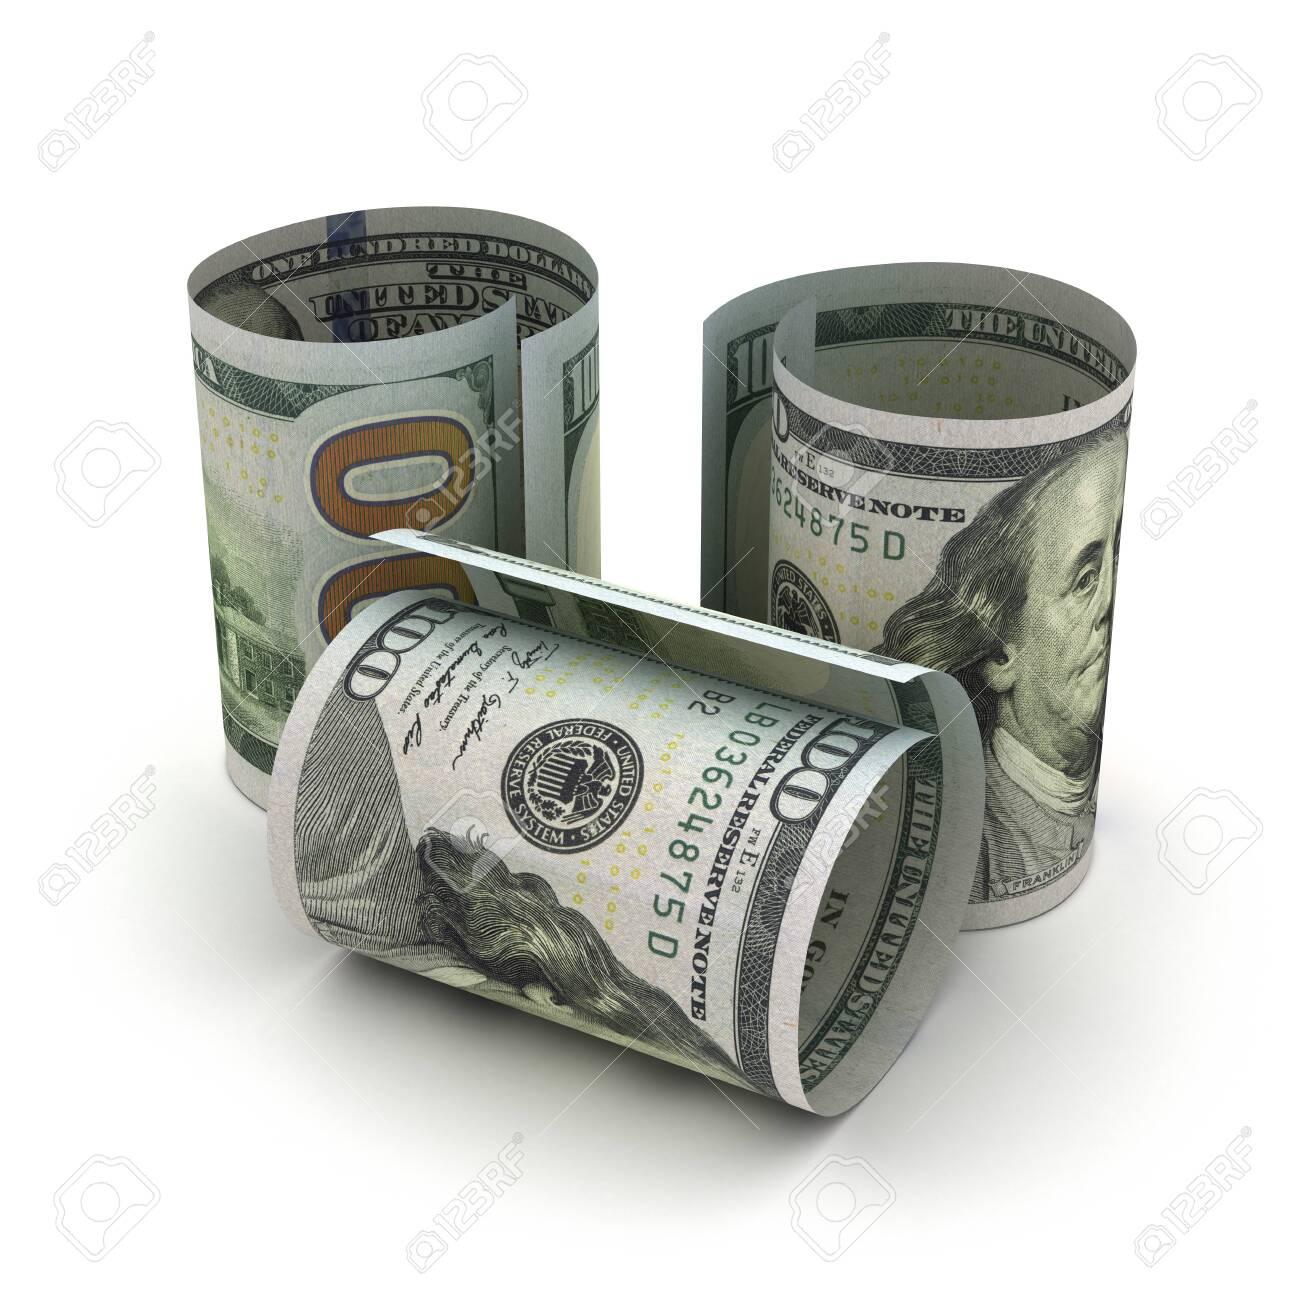 US Dollar in rolls - 142619523